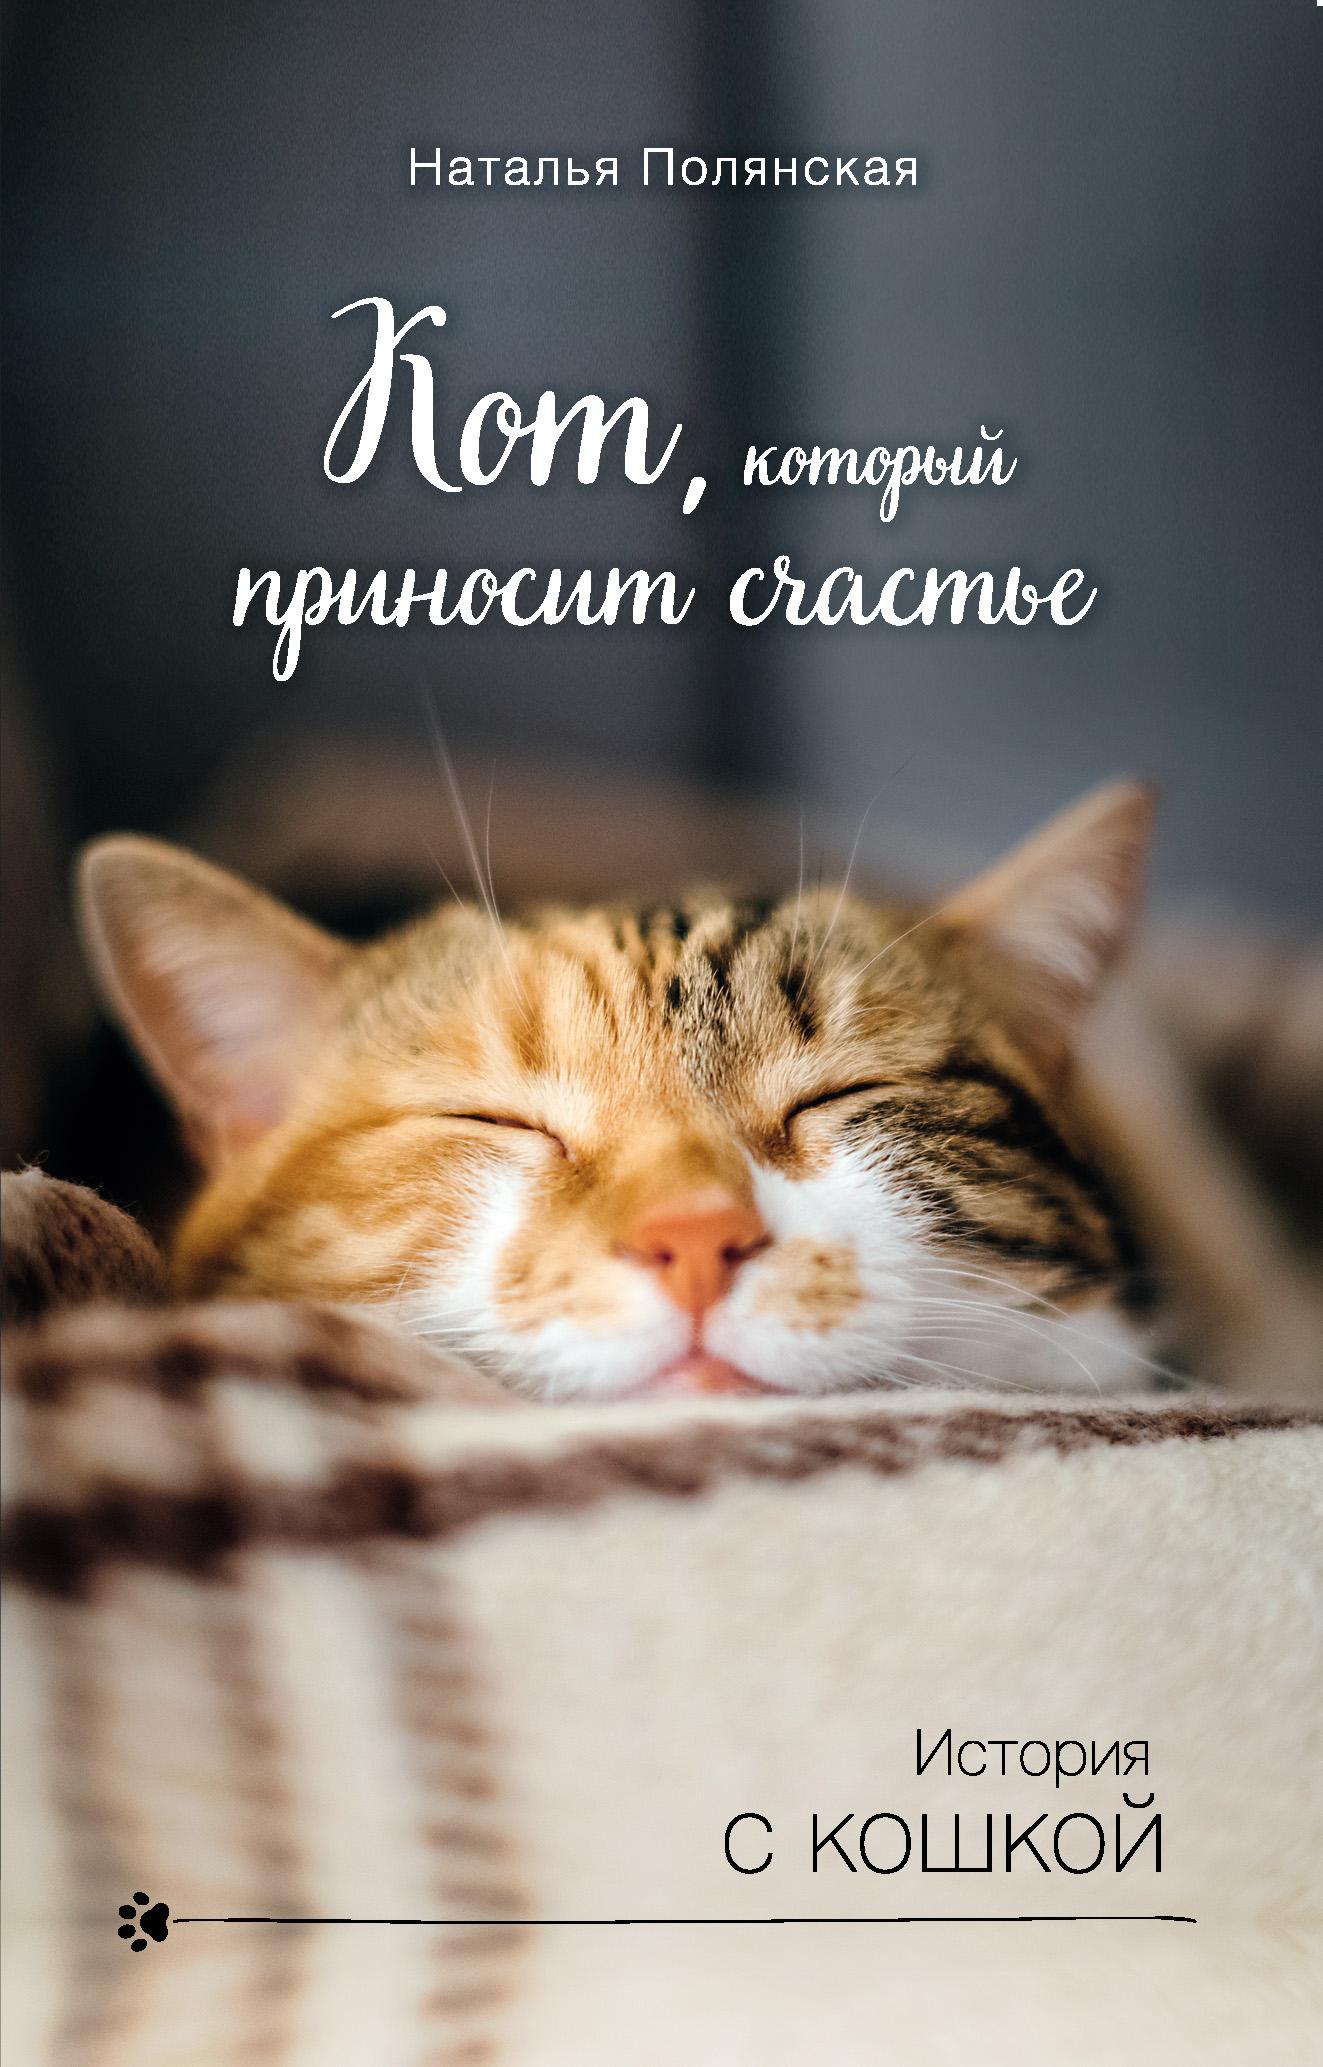 Наталия Полянская. Кот, который приносит счастье